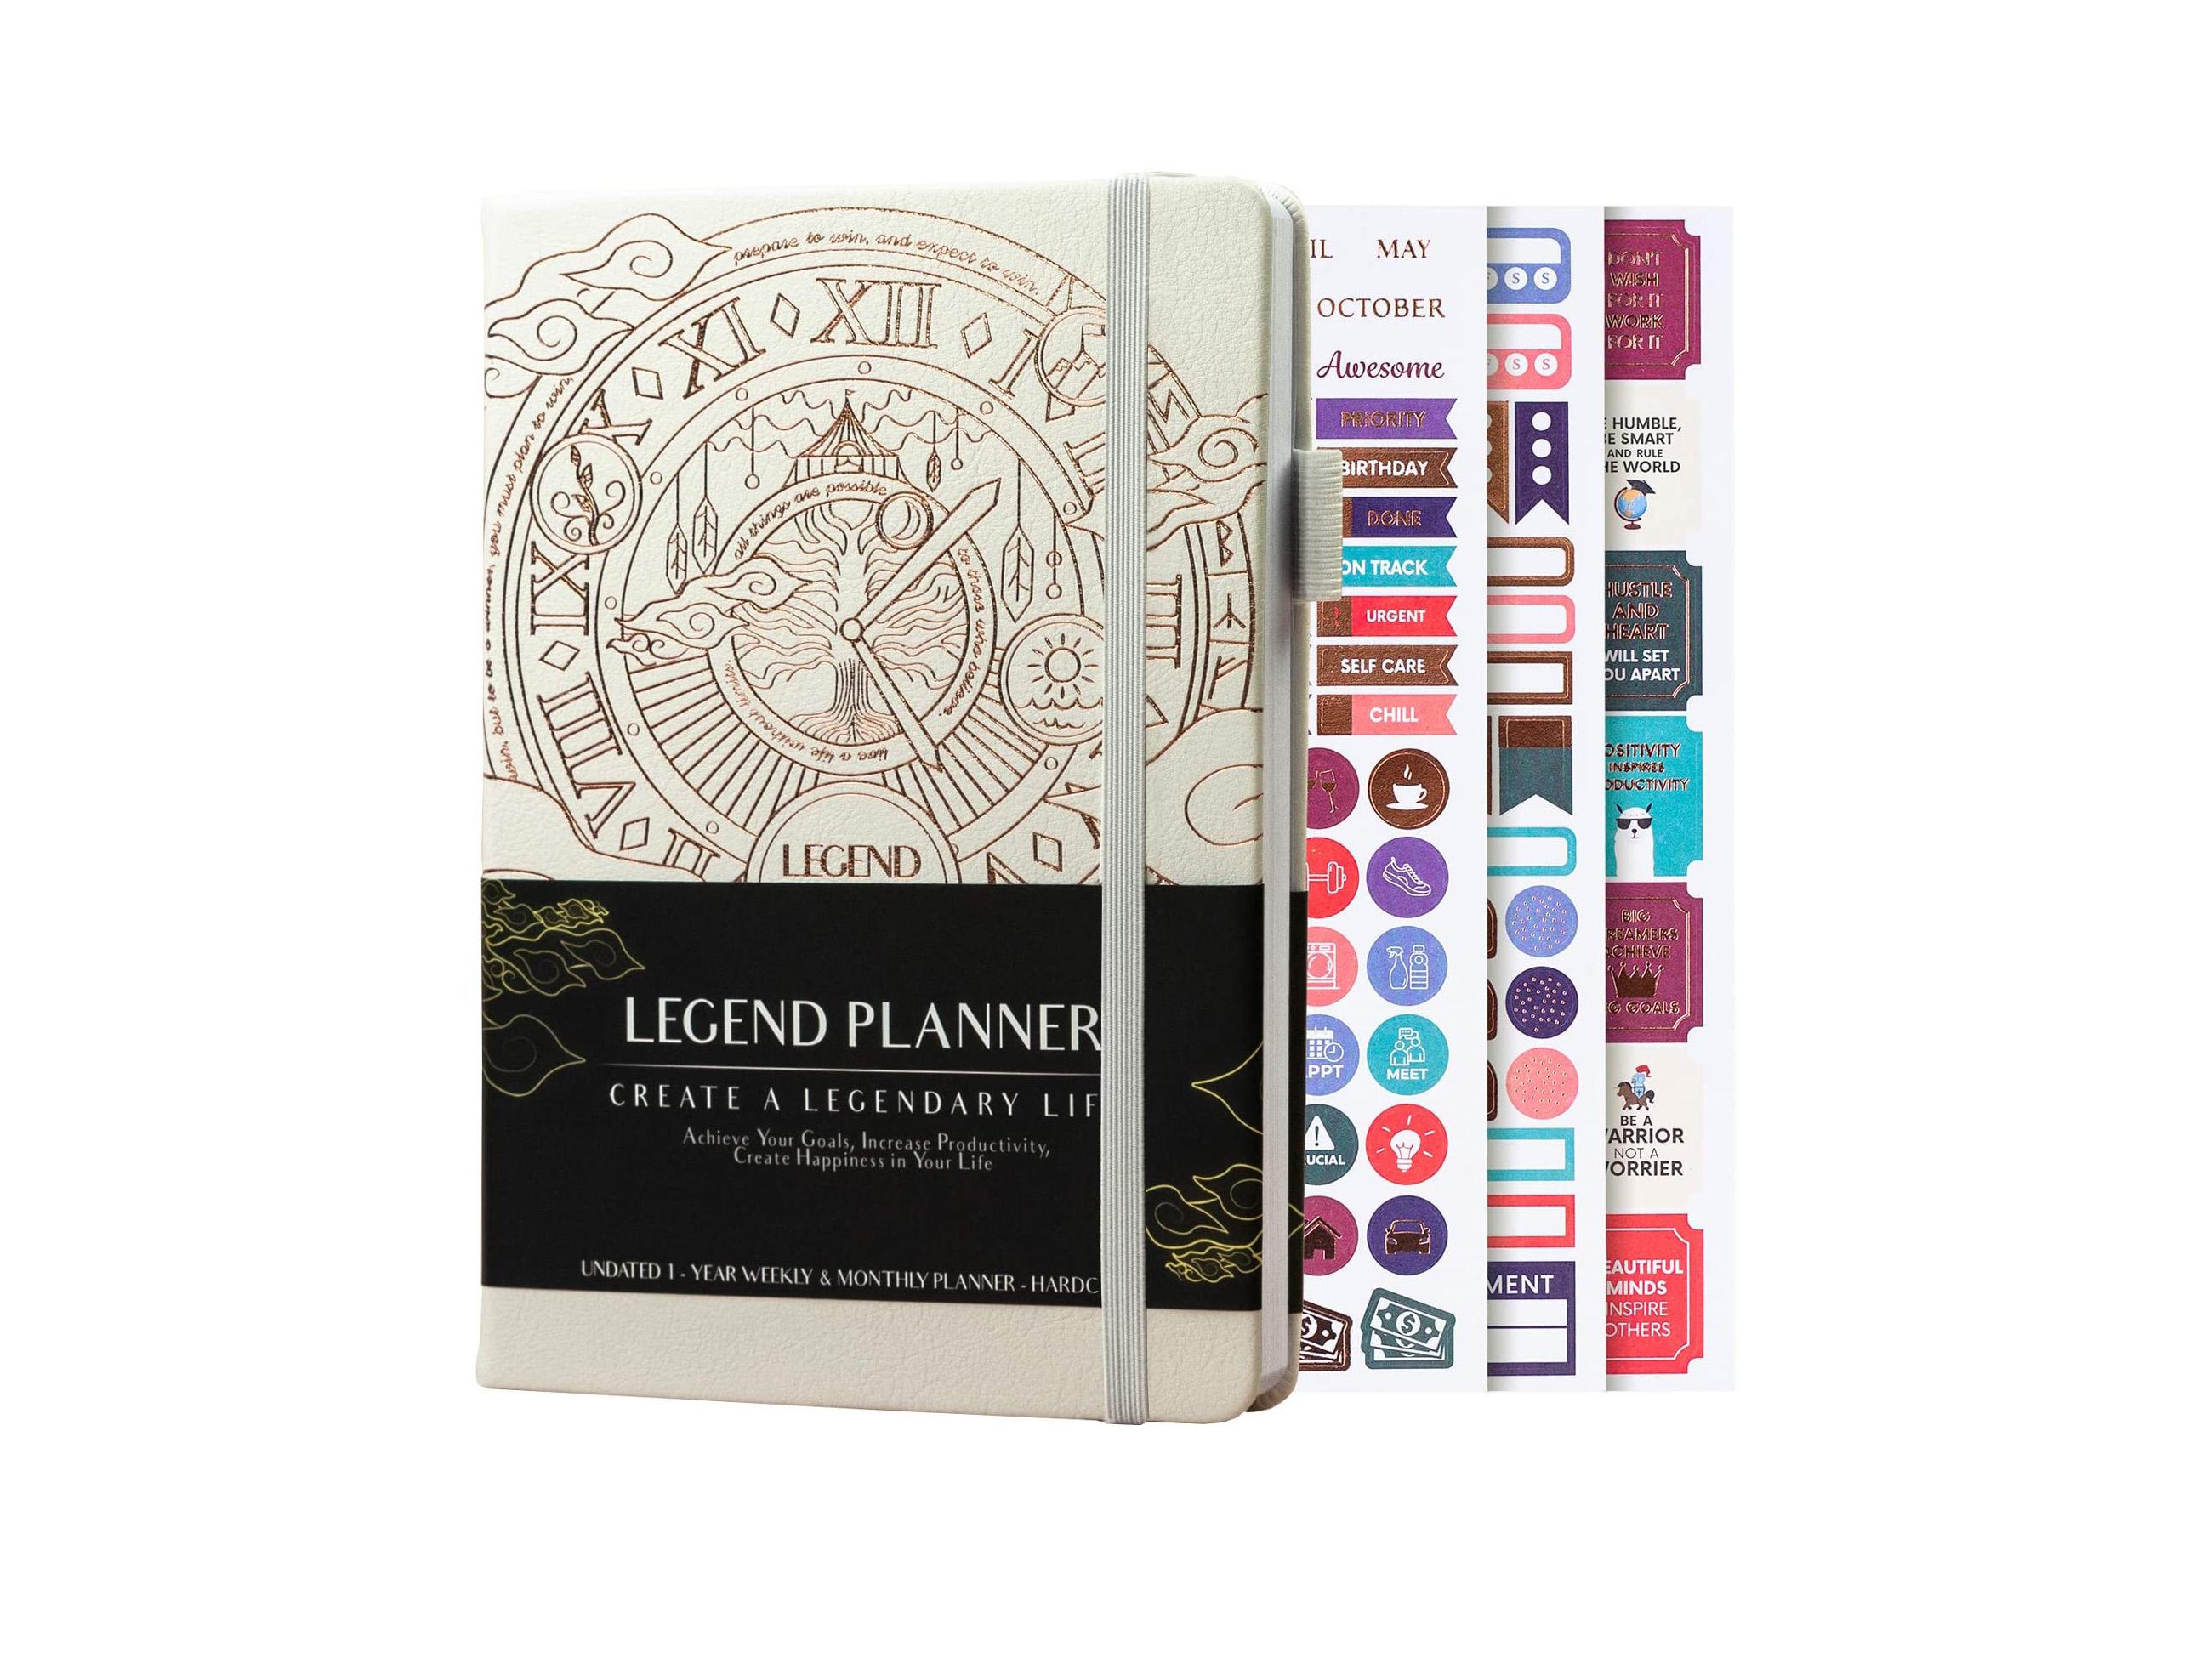 Best Productivity Planners - Legend Planner